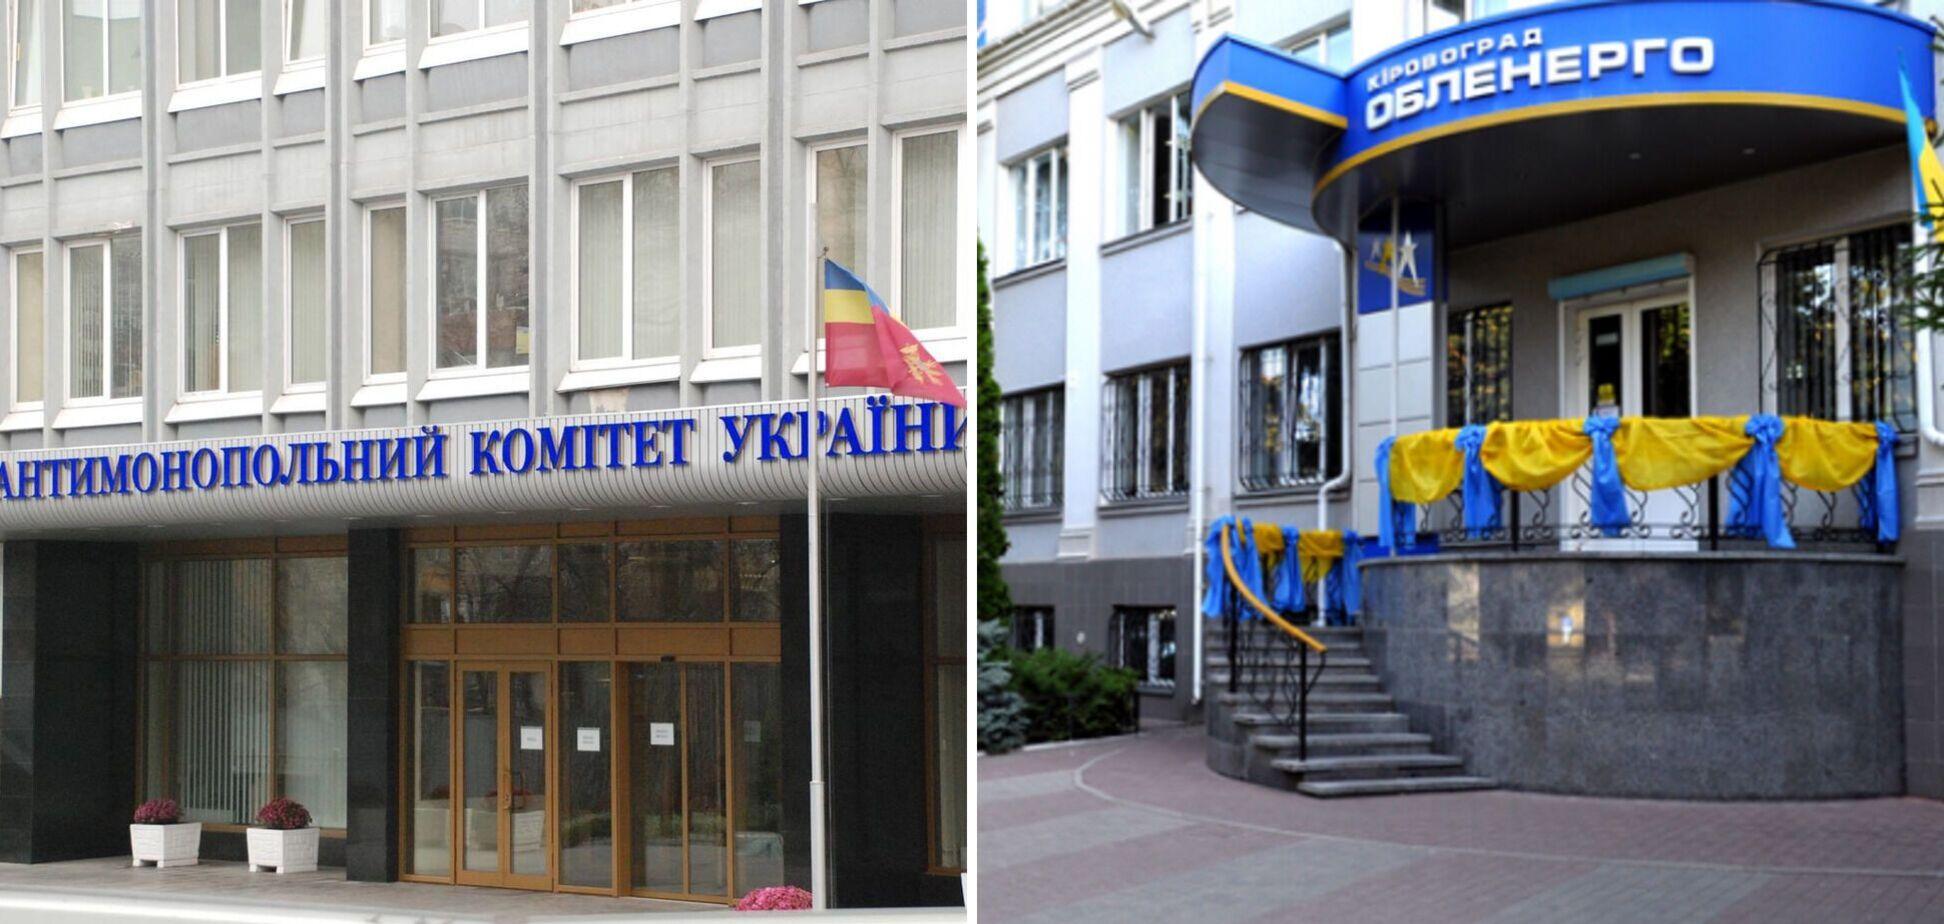 АМКУ вивчає заяву ДТЕК Мережі на покупку контрольного пакету акцій 'Кіровоградобленерго'